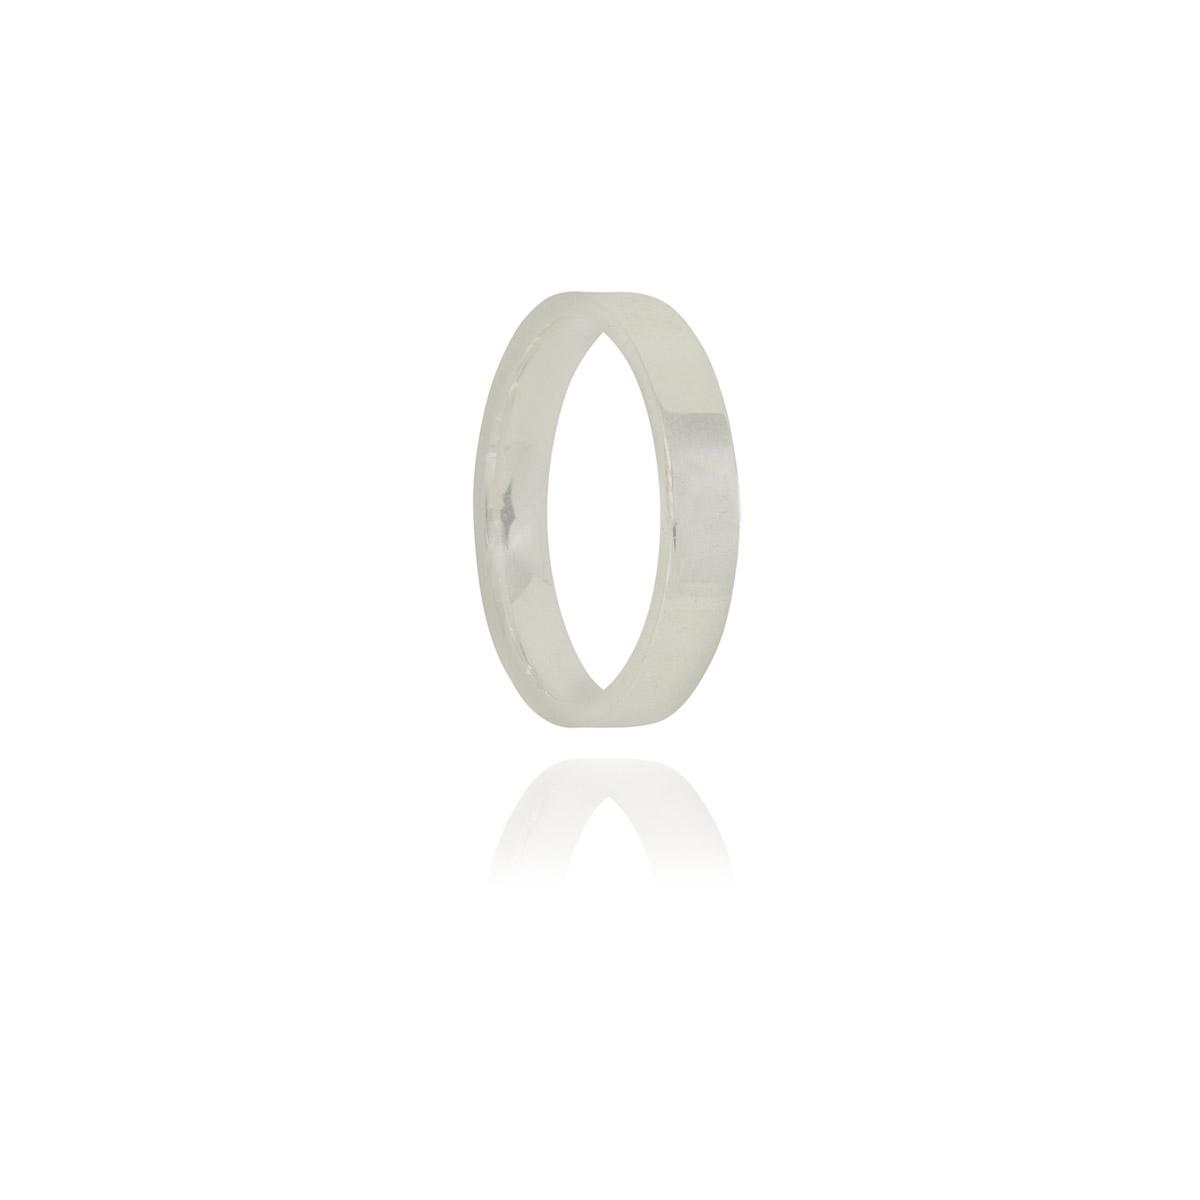 Aliança anatômica prata 925 pura 3,5 mm